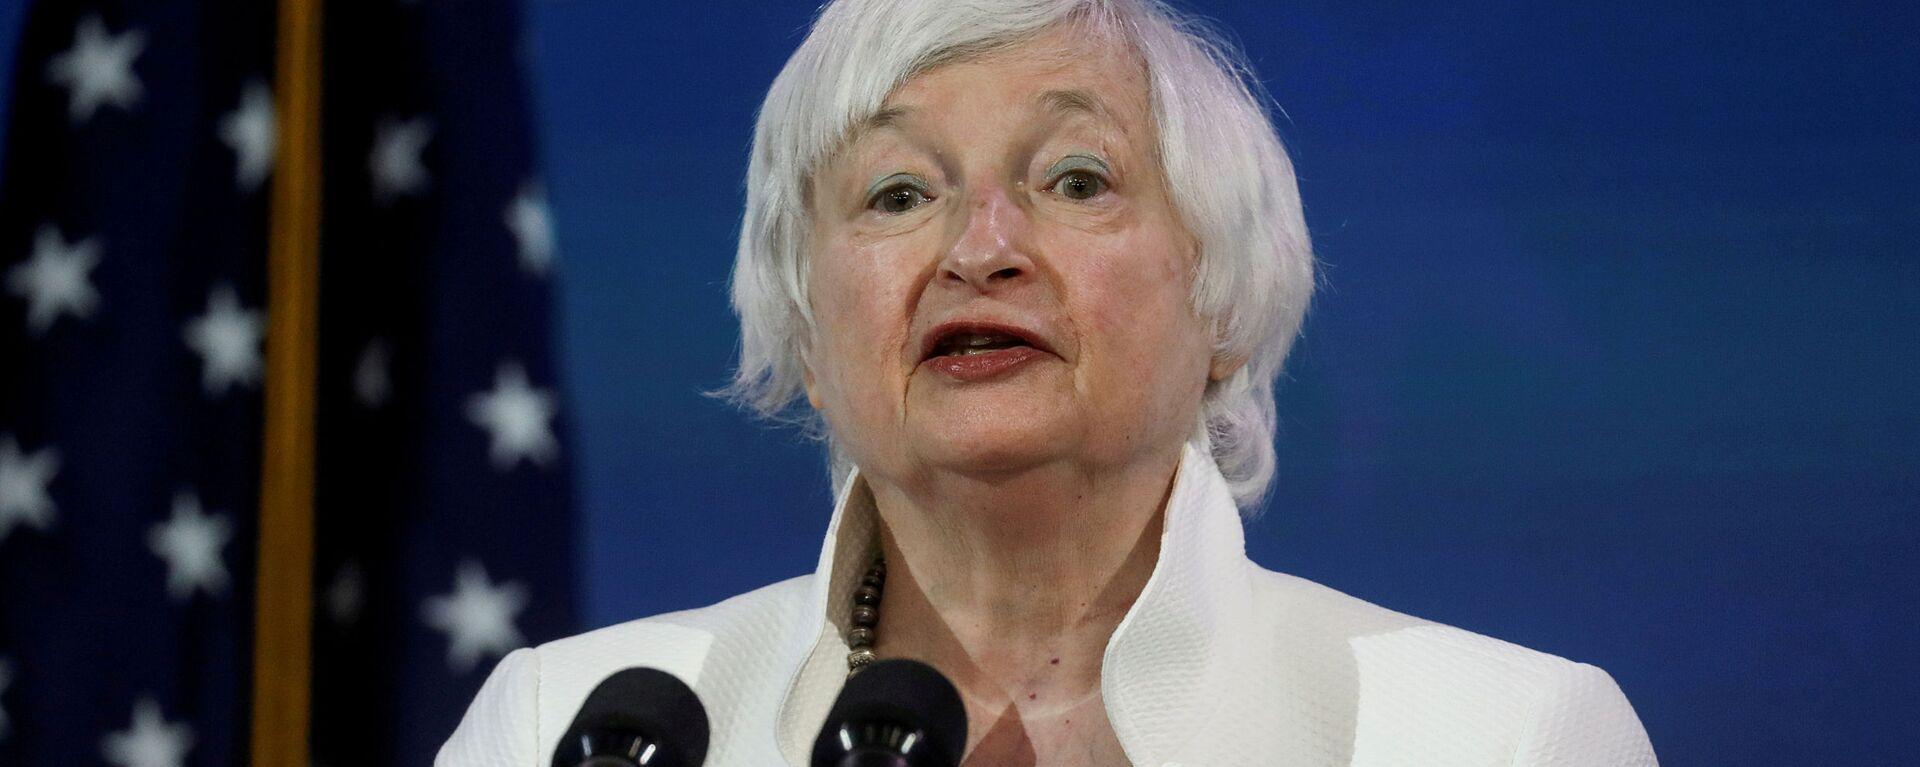 Janet Yellen, candidata a secretaria del Tesoro de Estados Unidos - Sputnik Mundo, 1920, 11.03.2021